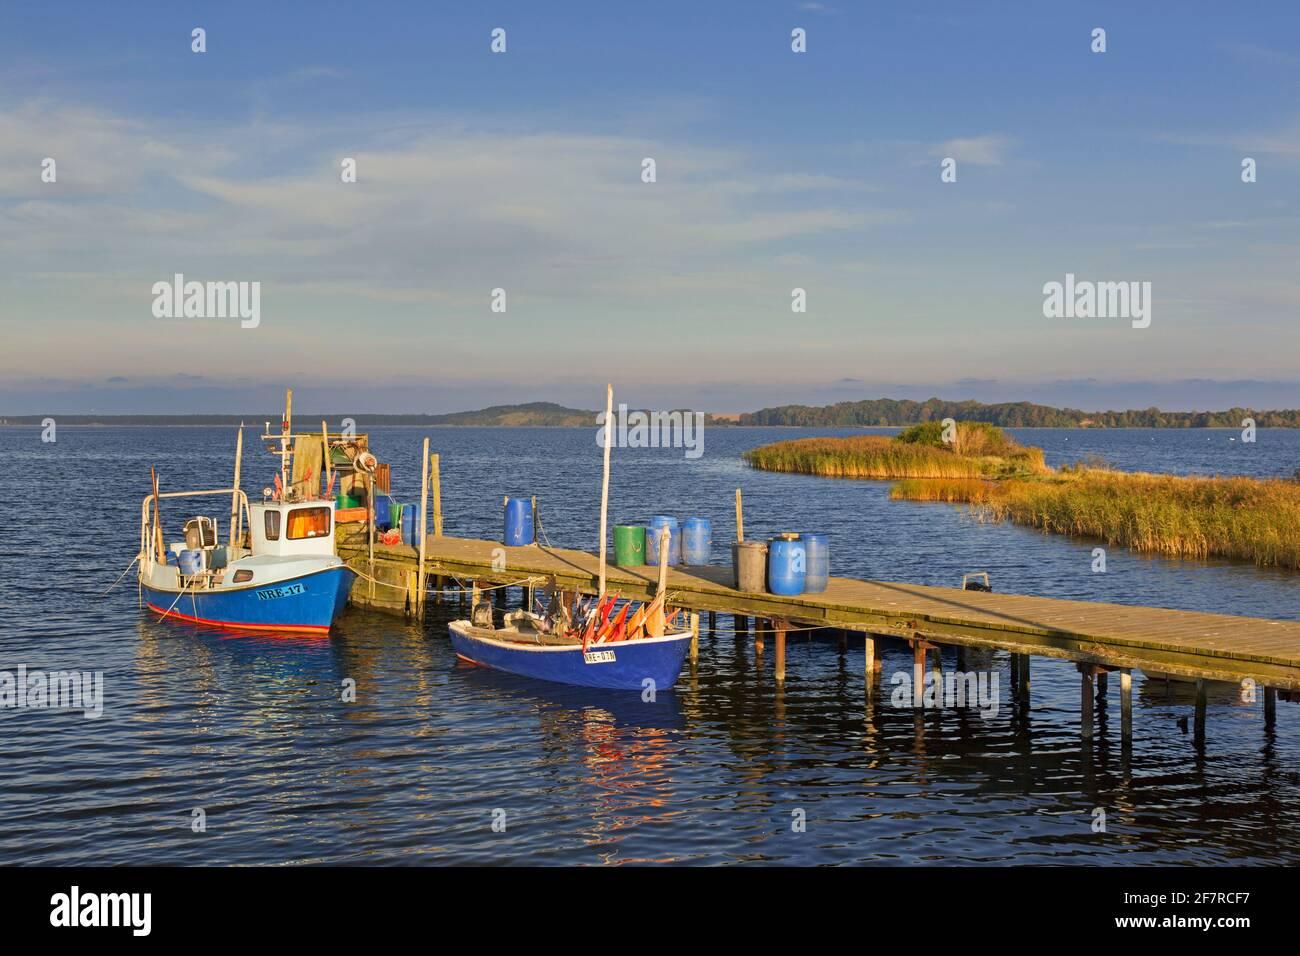 Fischerboote legen an einem Holzsteg in Neu Reddevitz, Lancken-Granitz auf der Insel Rügen / Rügen, Mecklenburg Vorpommern, Deutschland, fest Stockfoto